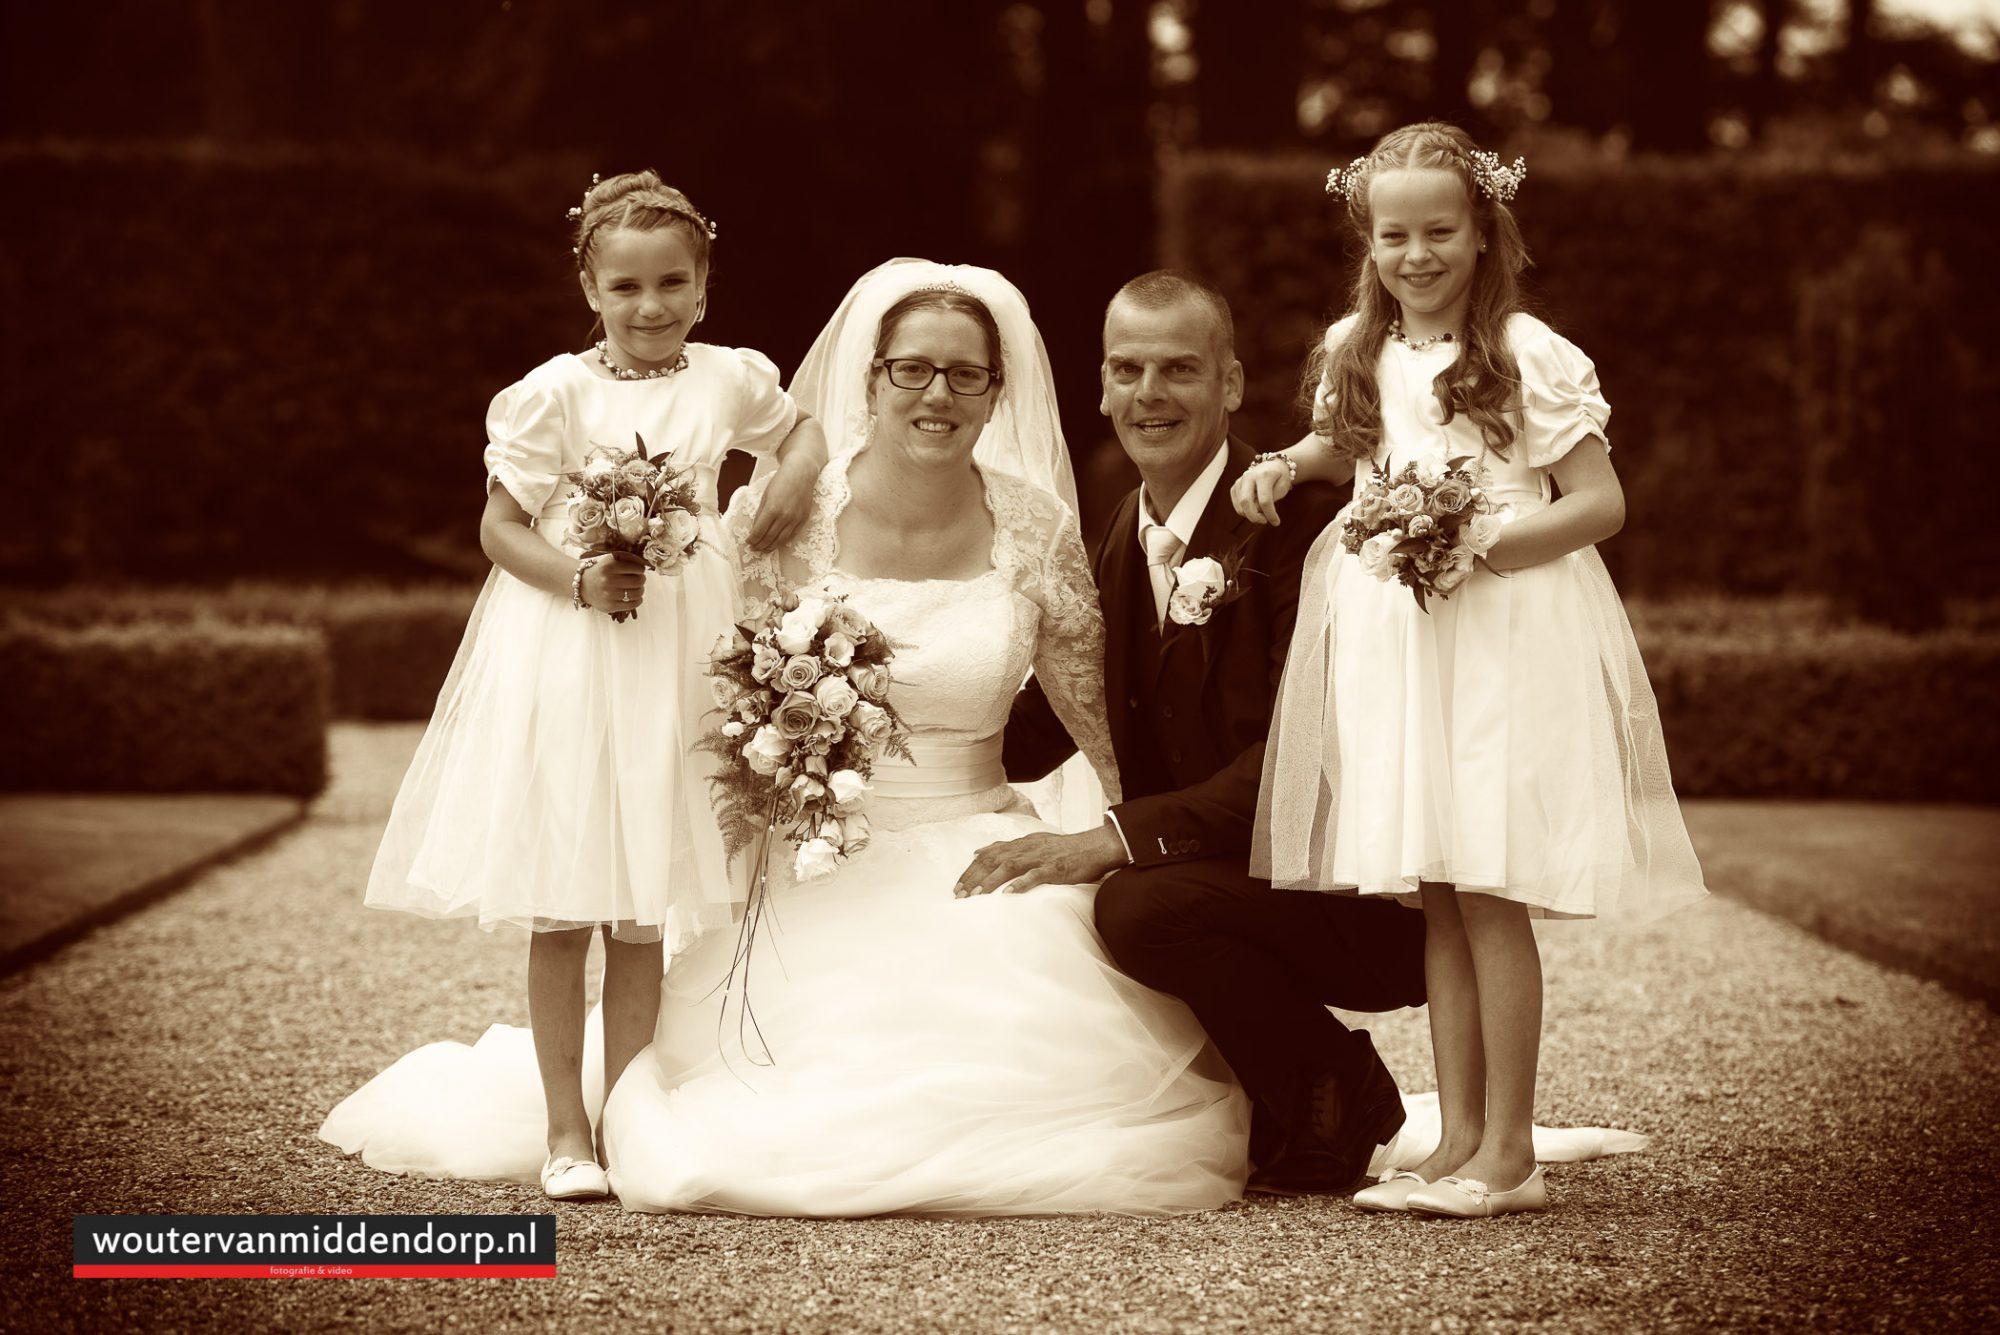 bruidsfotografie-wouter-van-middendorp-veenendaal-uddel-19